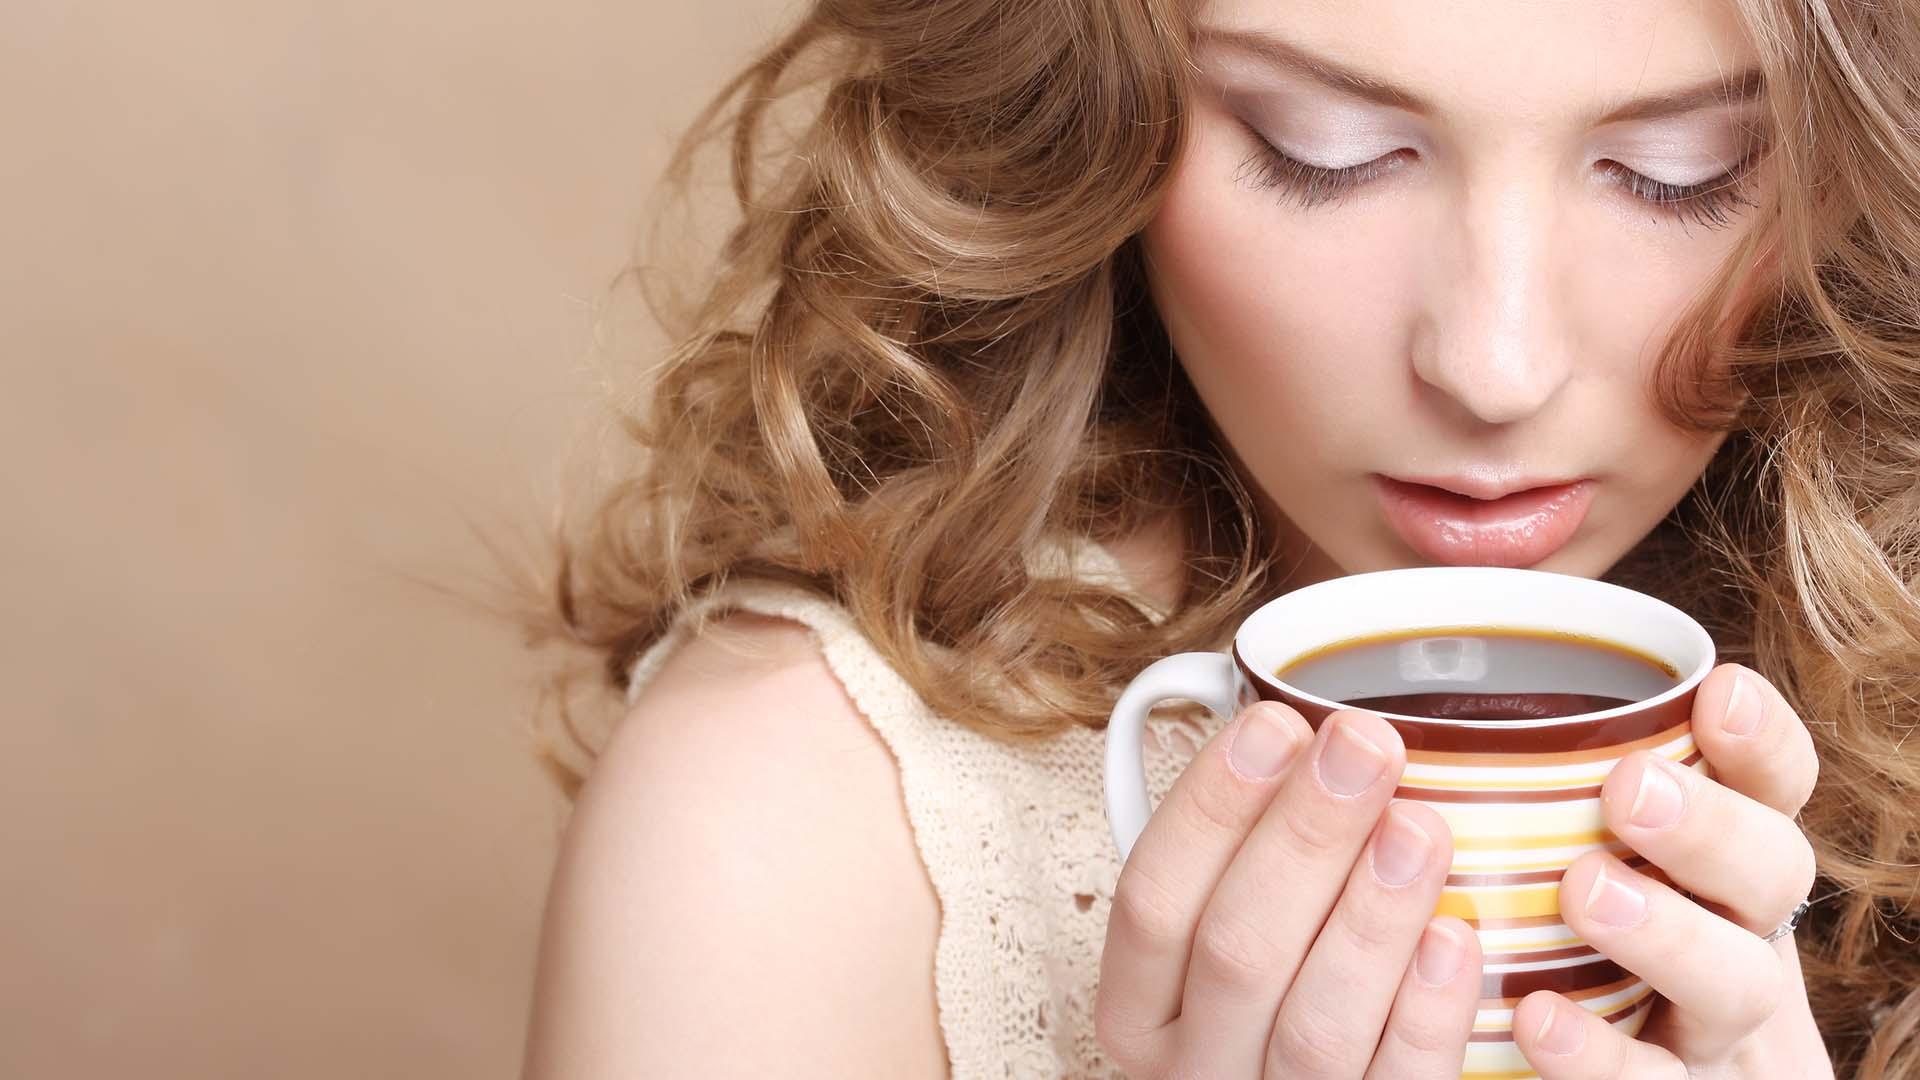 Resultado de imagen para persona bebiendo cafe